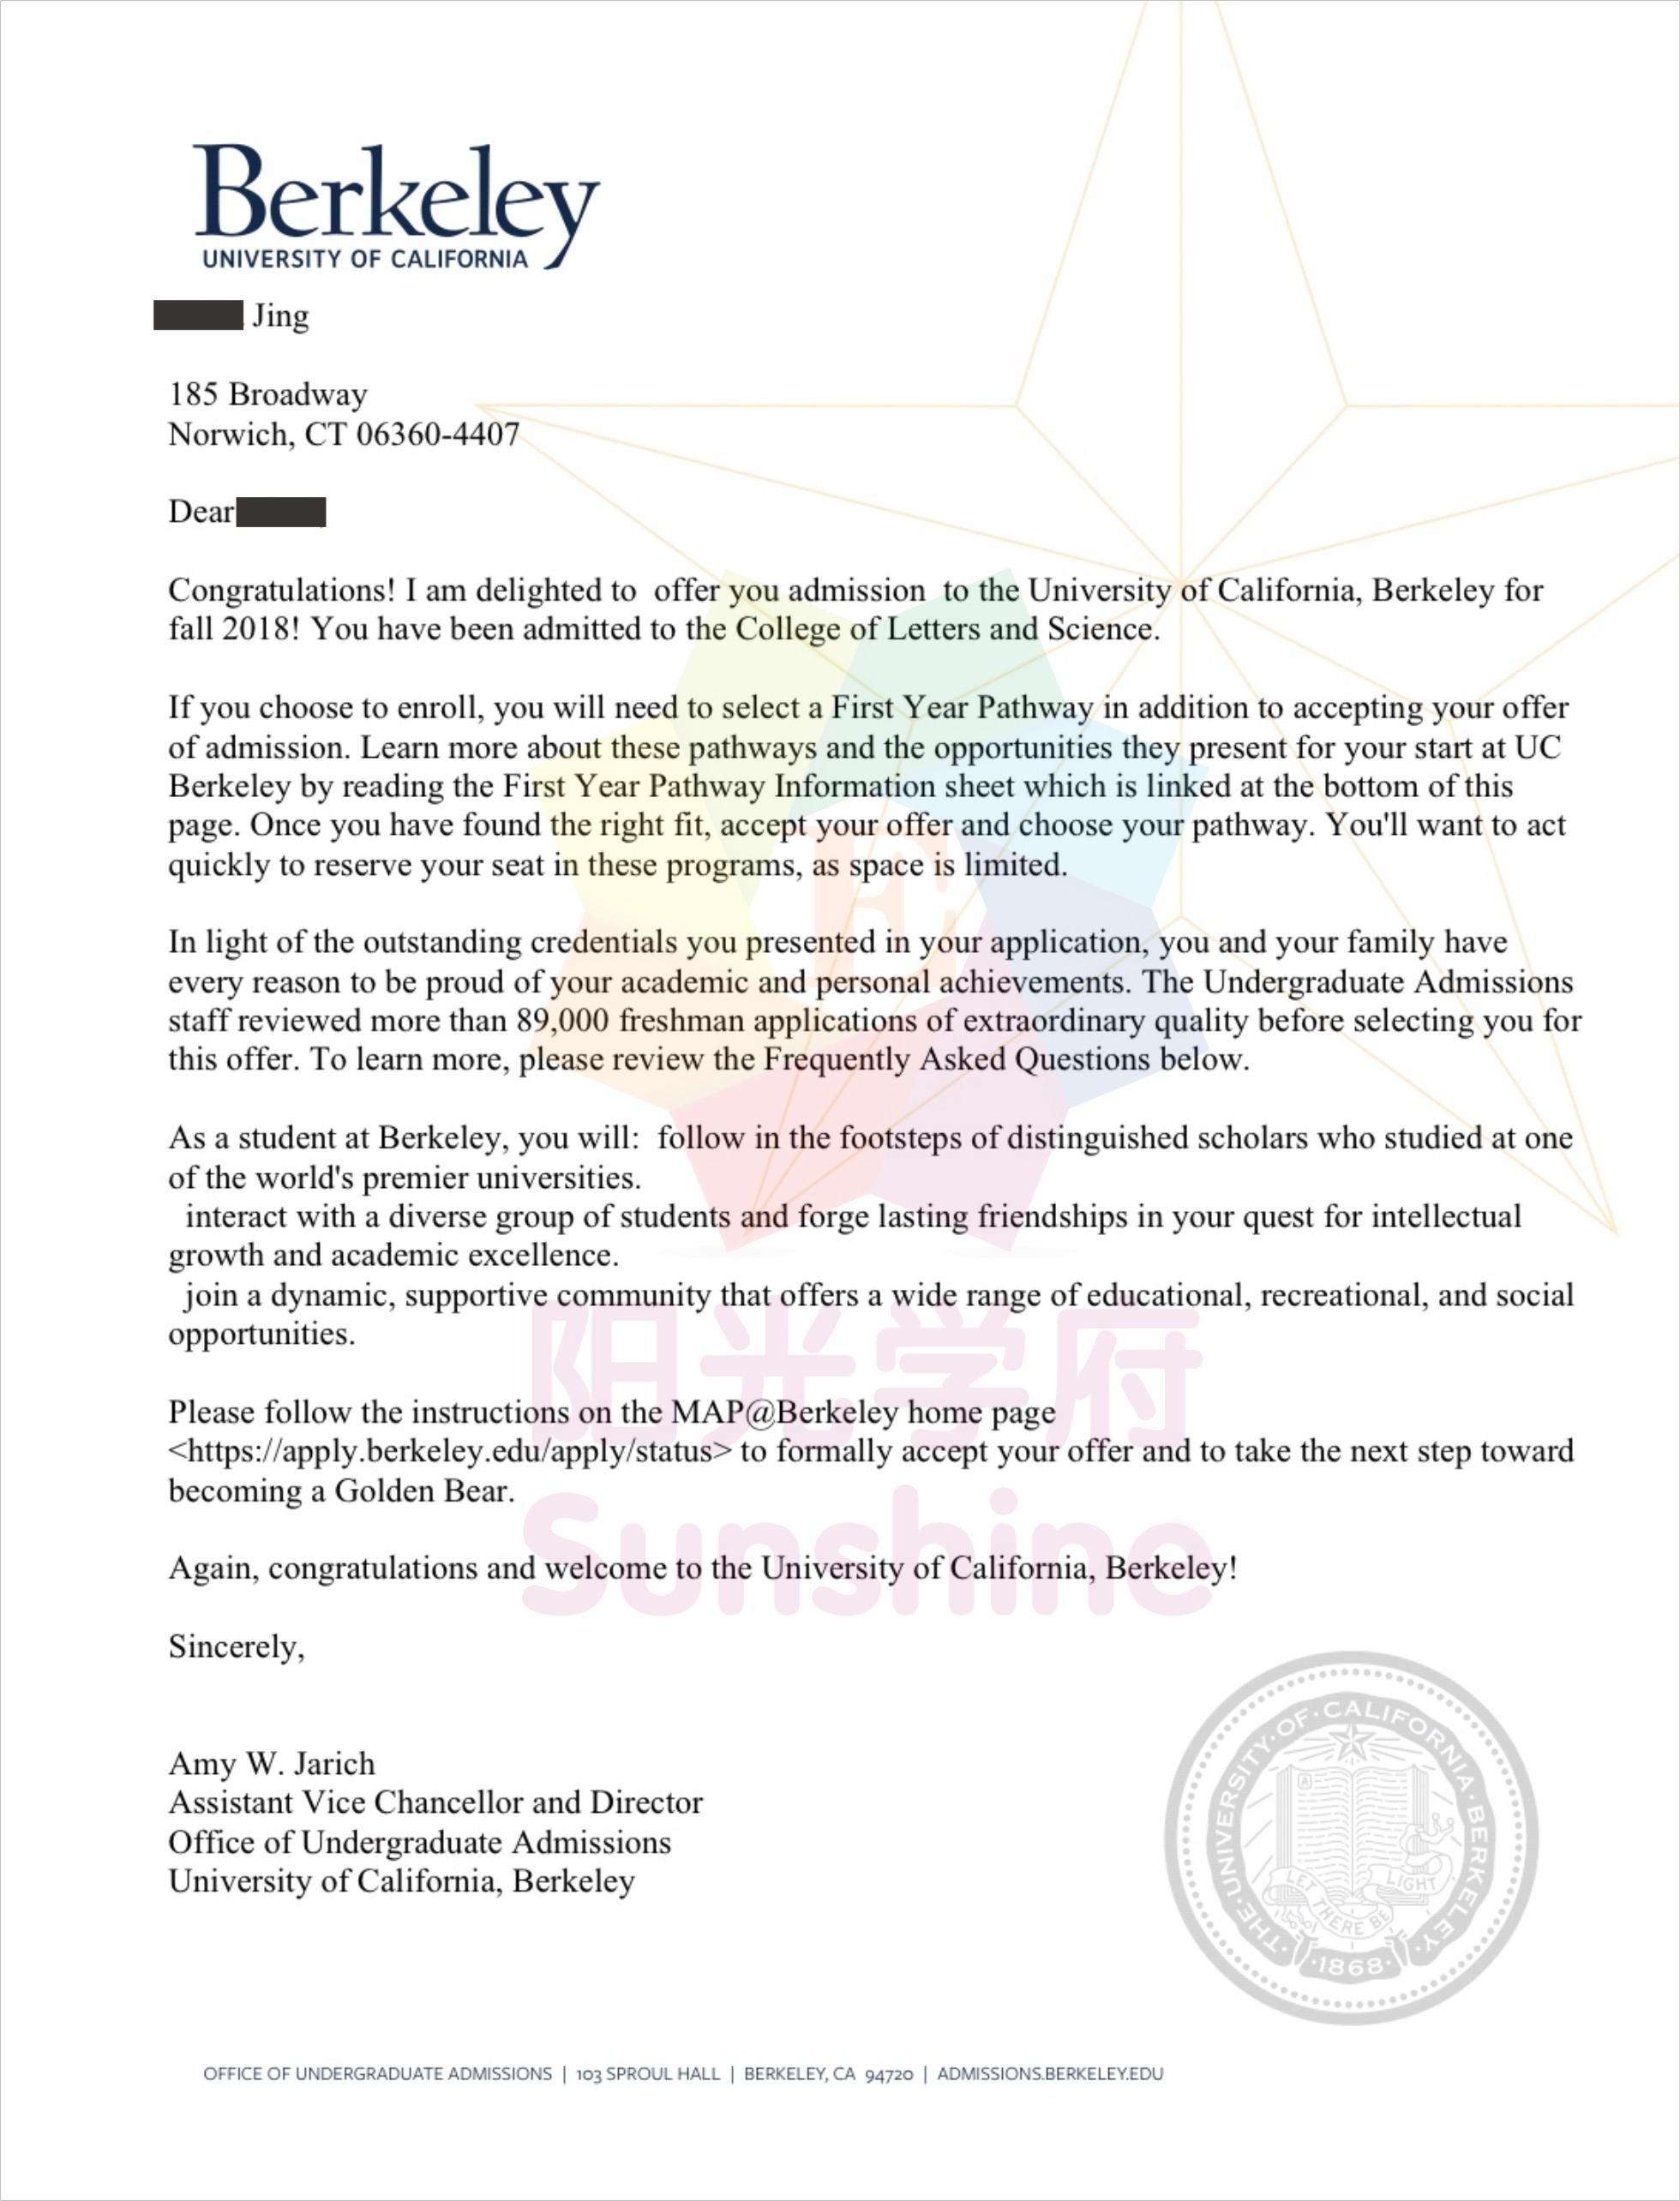 品学兼优的荆同学顺利被伯克利大学录取